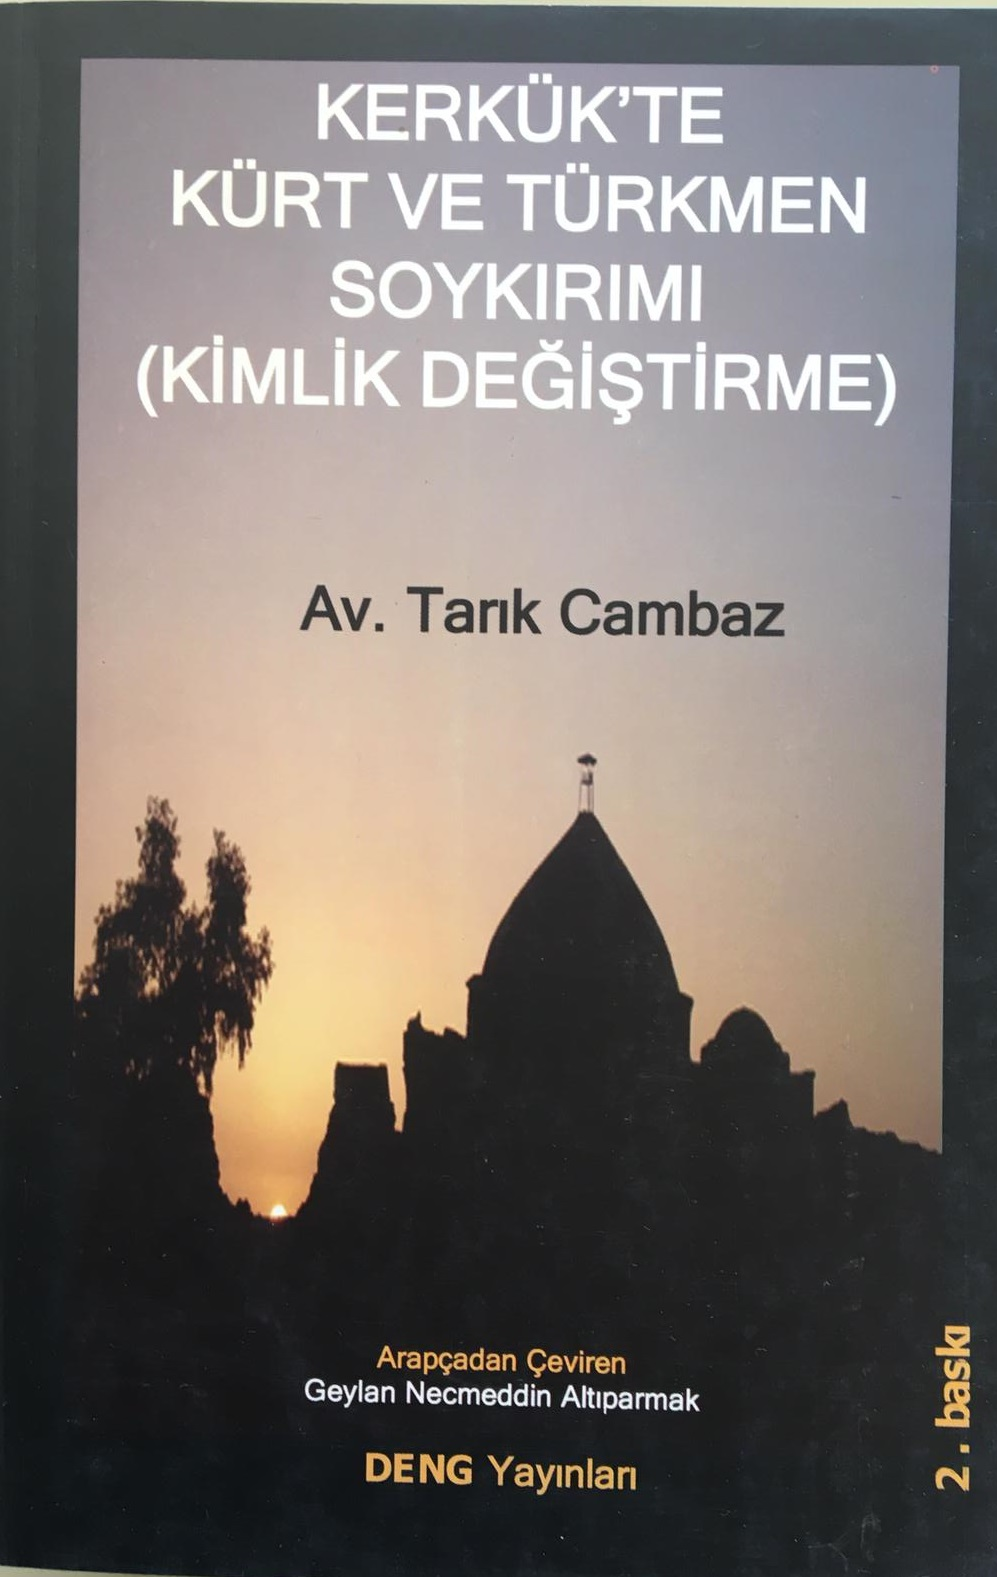 Kerkük'te Kürt ve Türkmen Soykırımı (Kimlik Değiştirme) Kitap Resmi